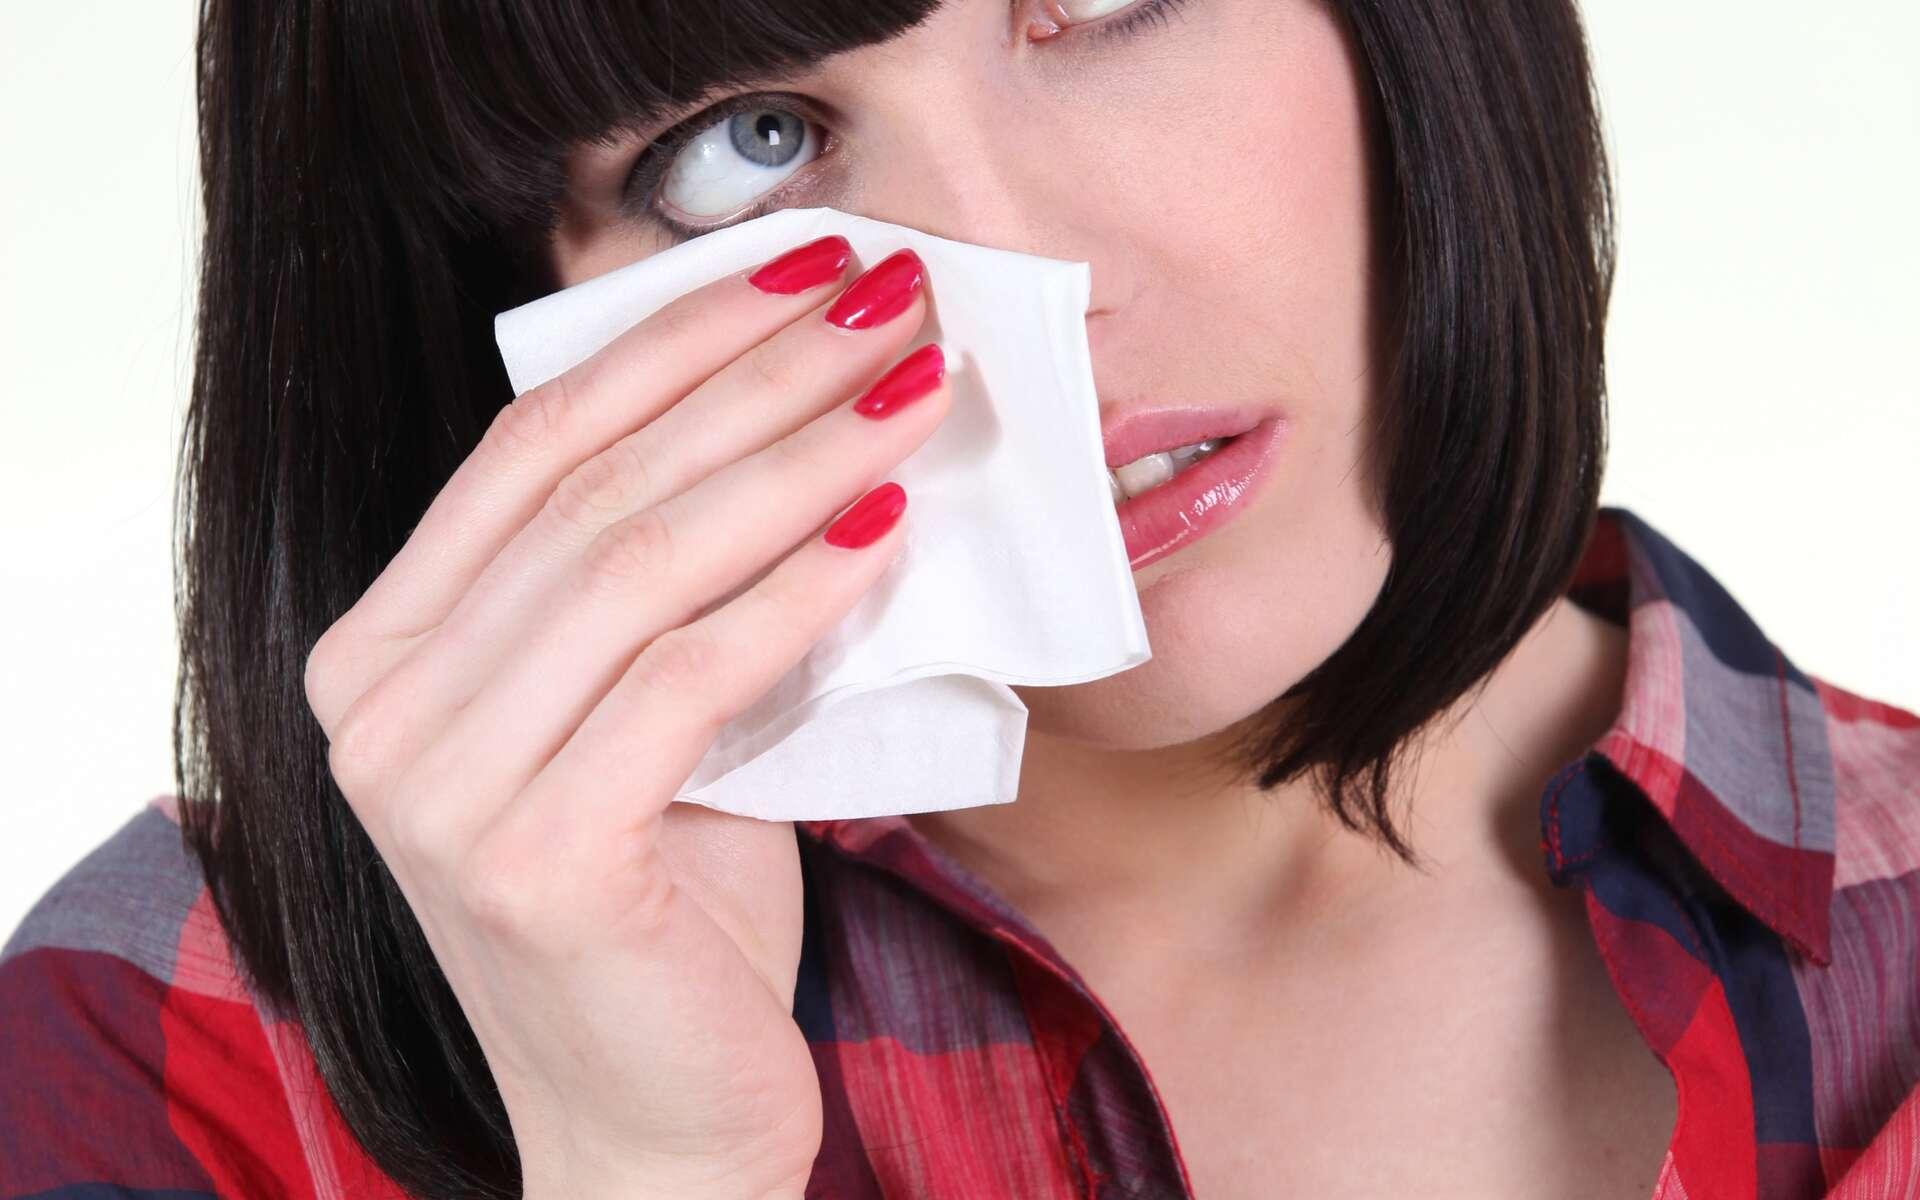 Les larmes renferment des substances protectrices pour les yeux, dont le lysosyme. © Phovoir